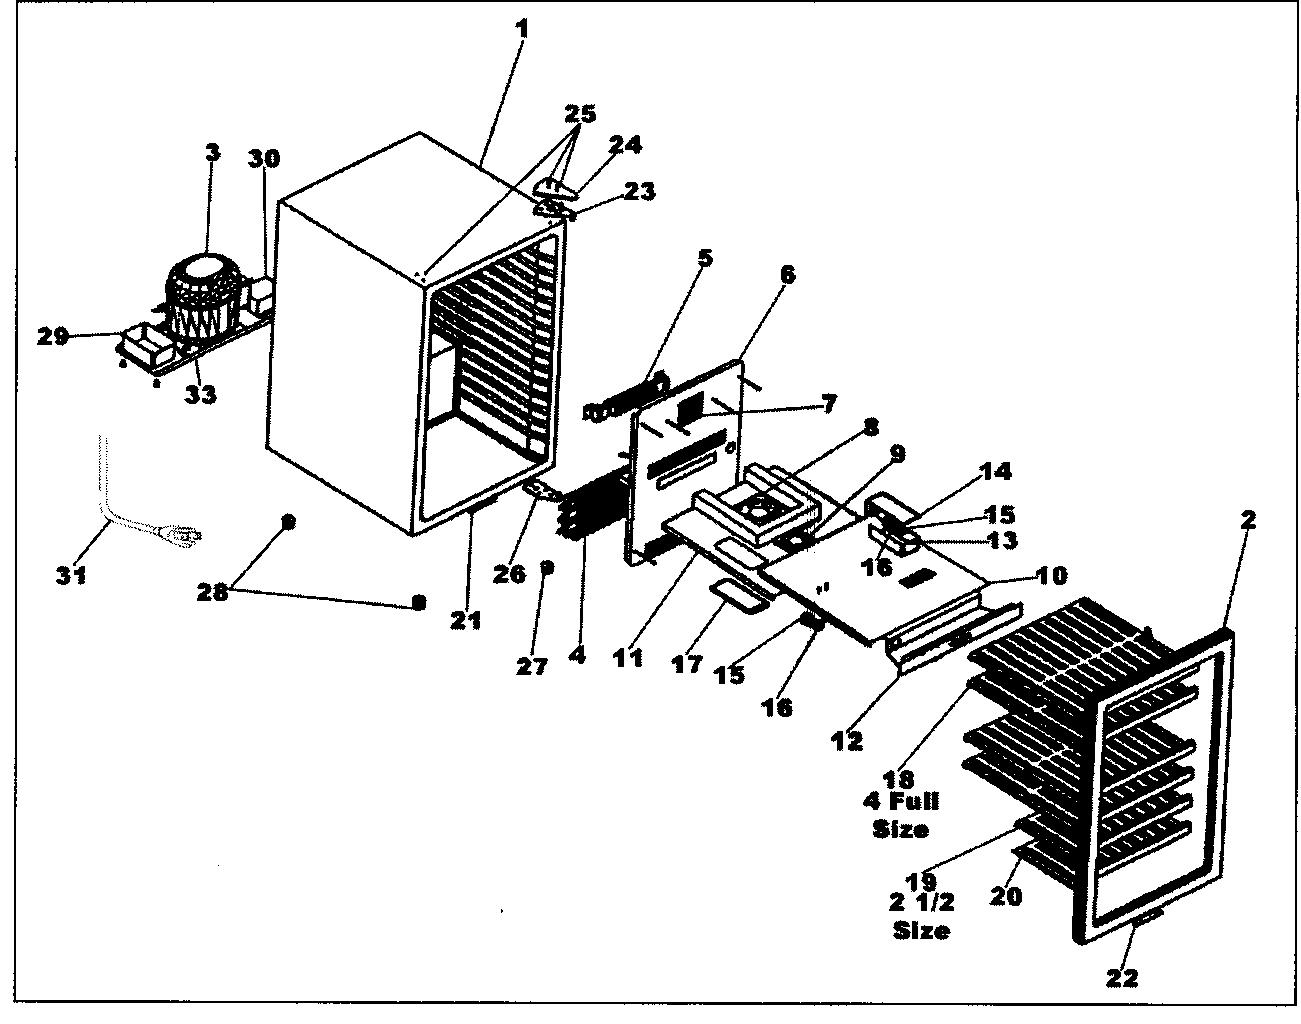 32 Danby Kegerator Parts Diagram - Free Wiring Diagram Source | Wine Cooler Wiring Diagram |  | Free Wiring Diagram Source